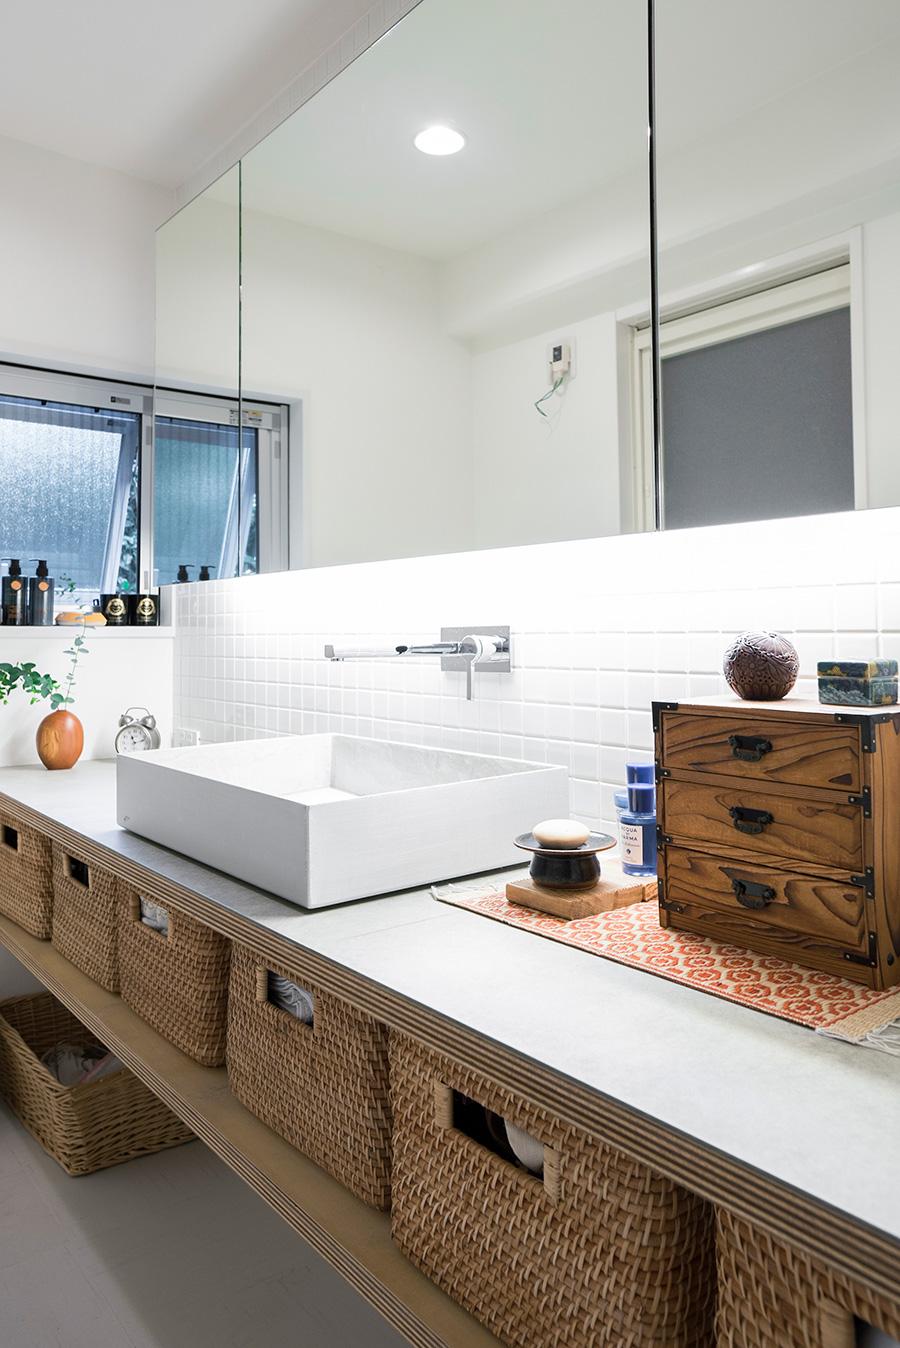 洗面はフレキシブルボードの余り素材を天板に活用。シンクの外側はアルミのバフ仕上げ、中にひびの入りにくいモールテックスを塗装した。